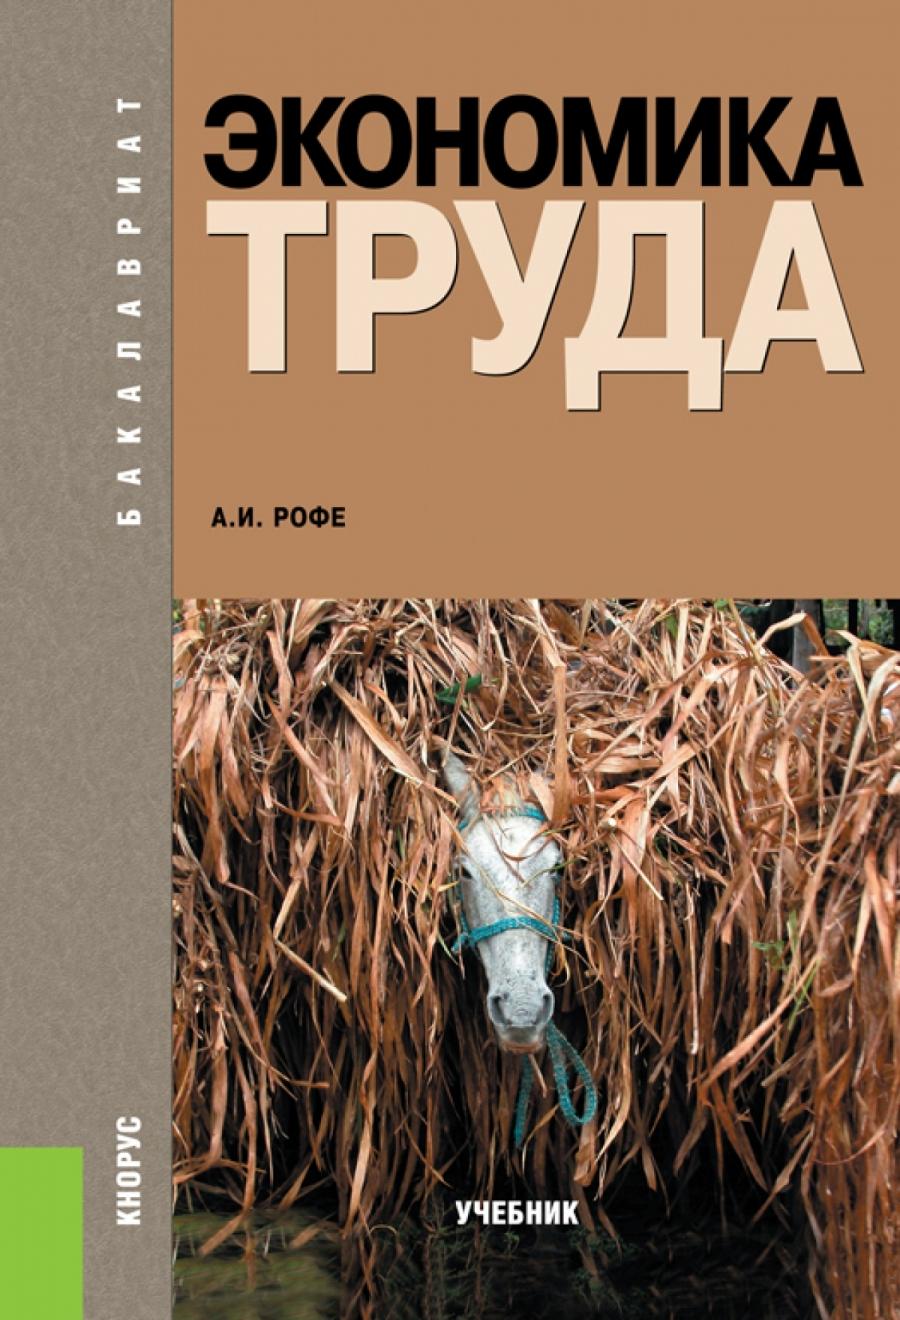 Обложка книги:  рофе а.и. - экономика труда